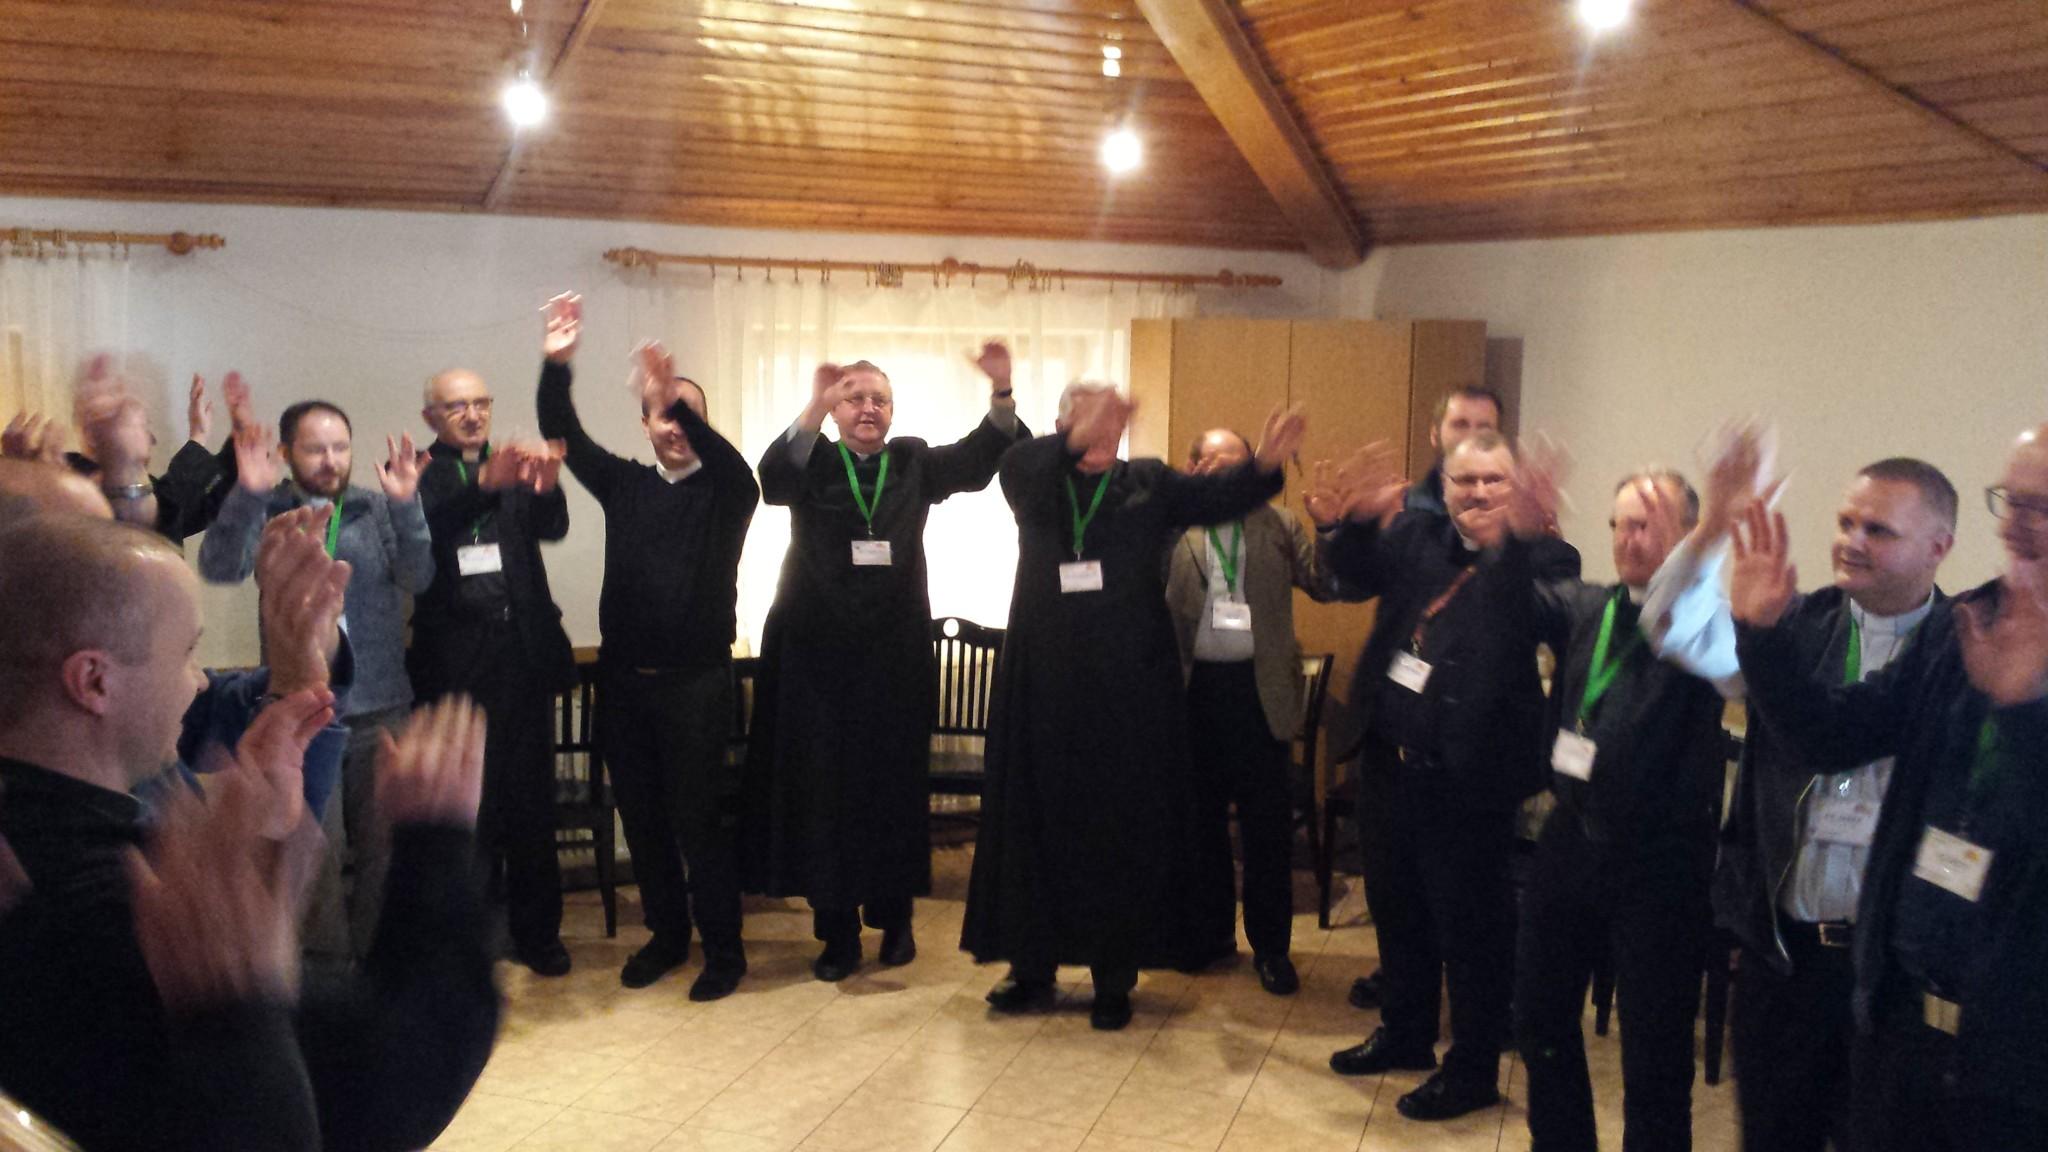 Kurs Siedmioro Młodych z Ewangelii (dla kapłanów) 13-16 listopad 2017, Bystra